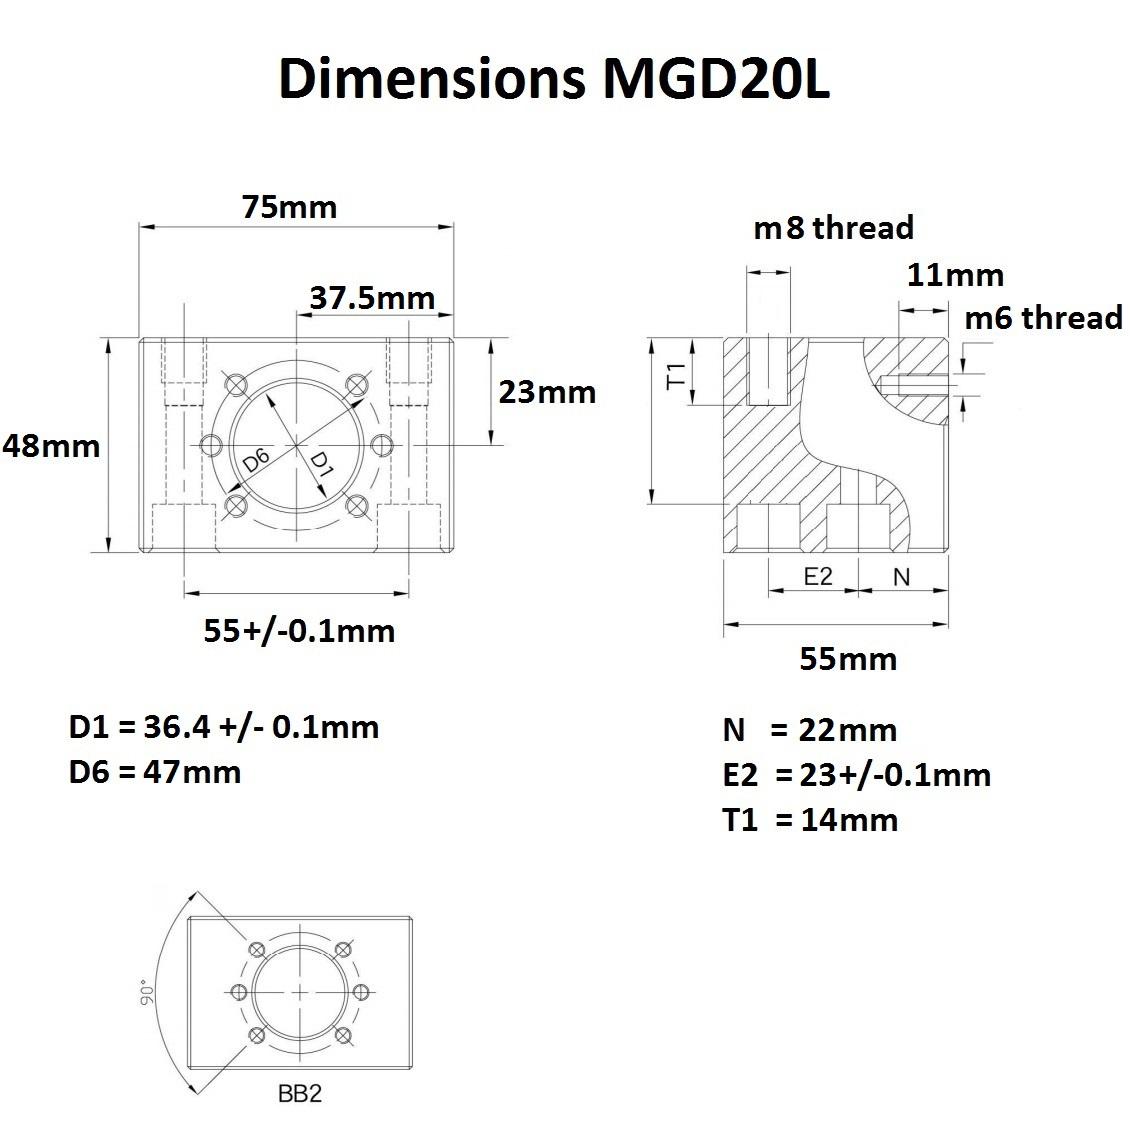 46972 mgd20l dimensions